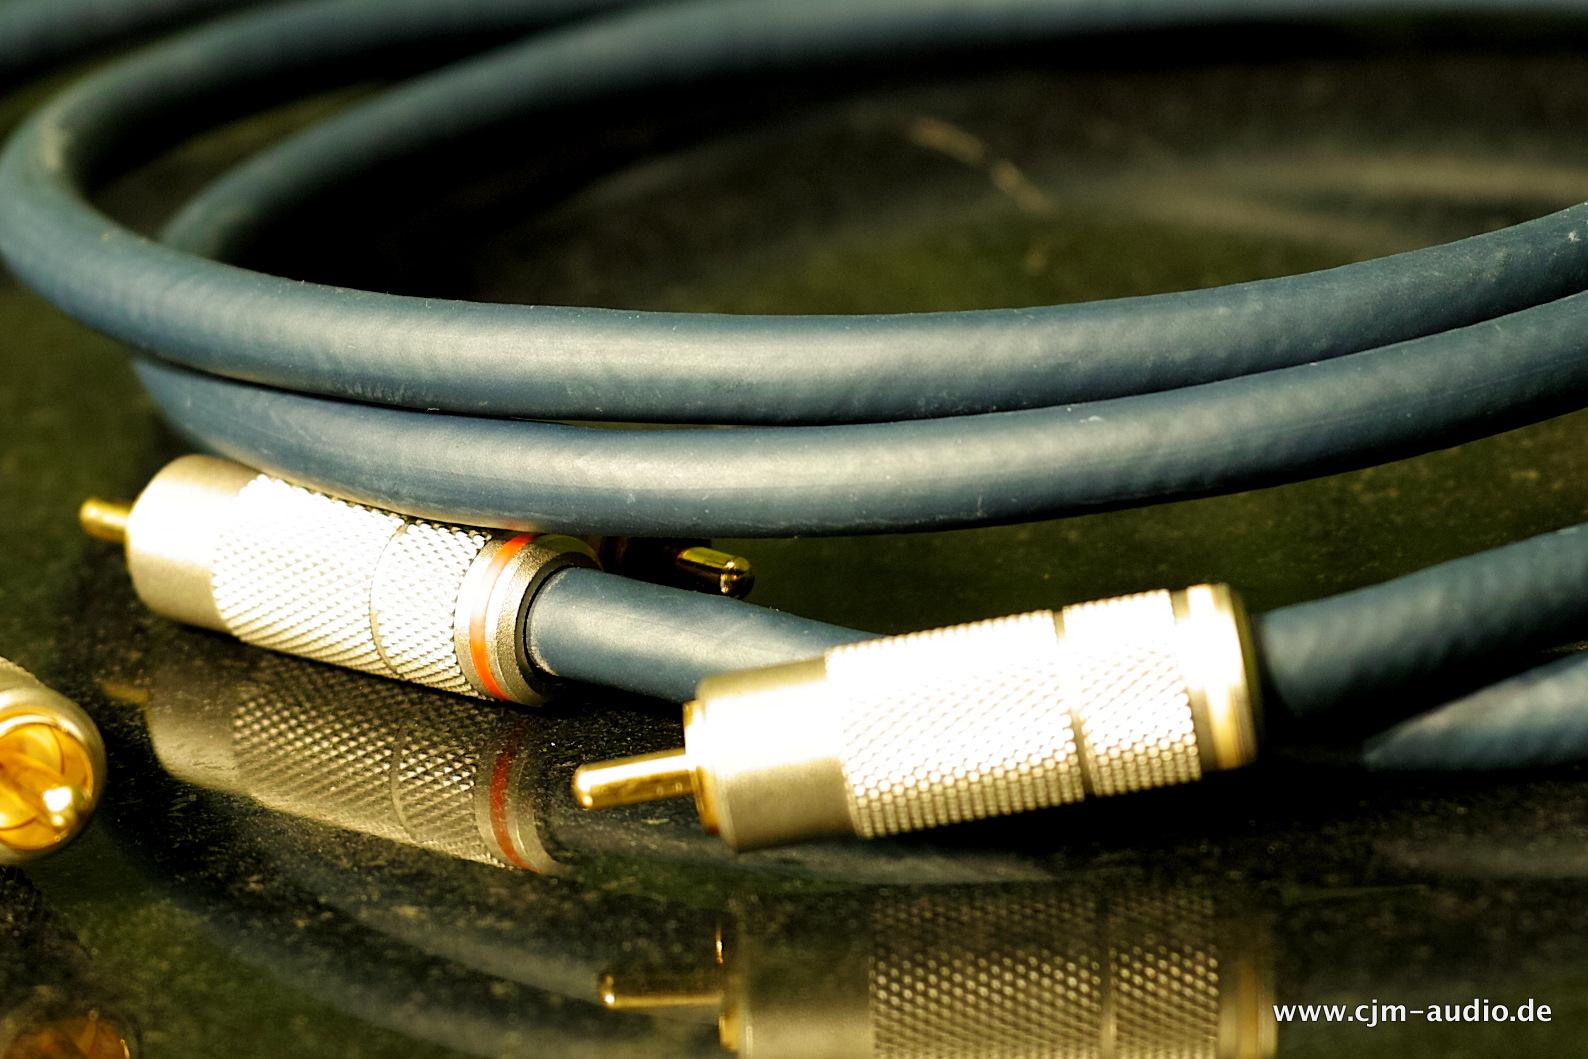 Schön Sony Proprietäre Lautsprecherkabelanschlüsse Bilder ...